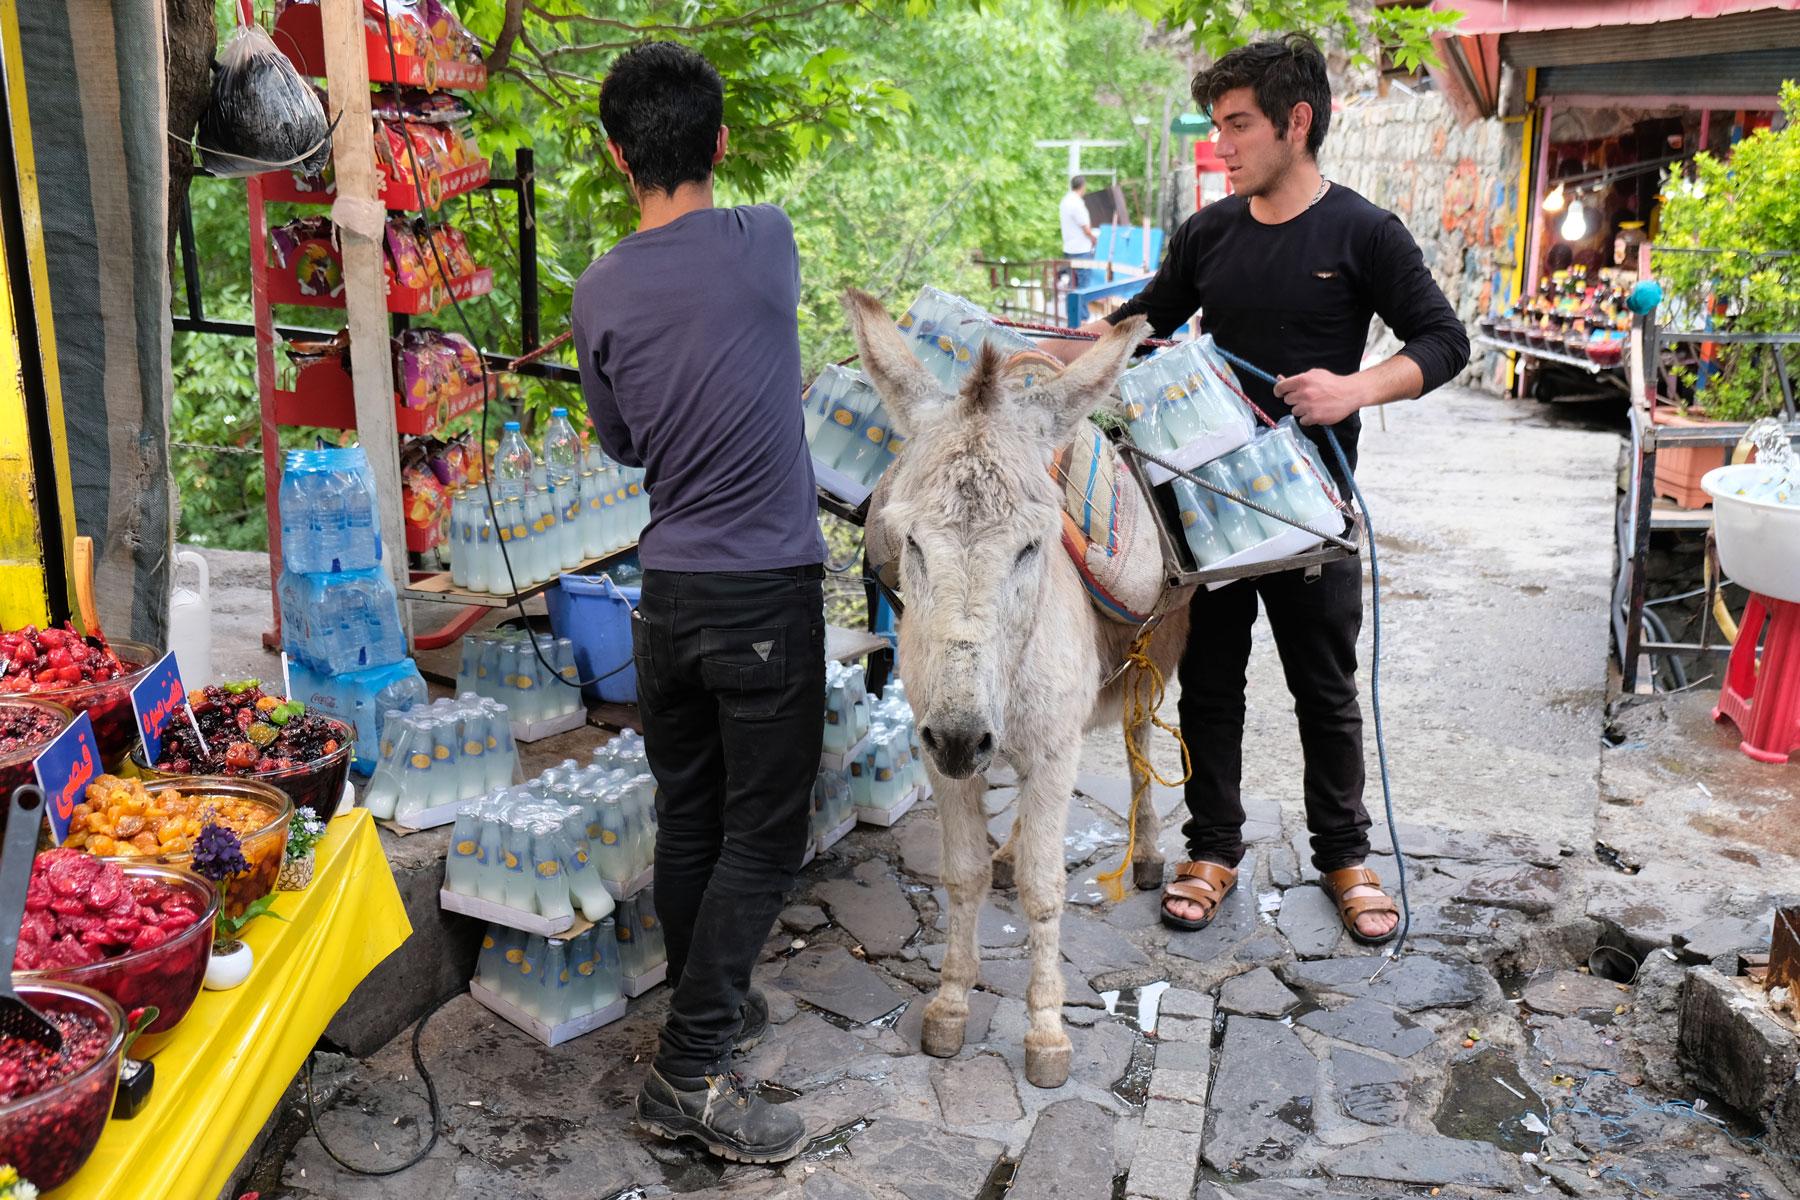 Zwei Männer beladen einen Esel mit Wasserflaschen